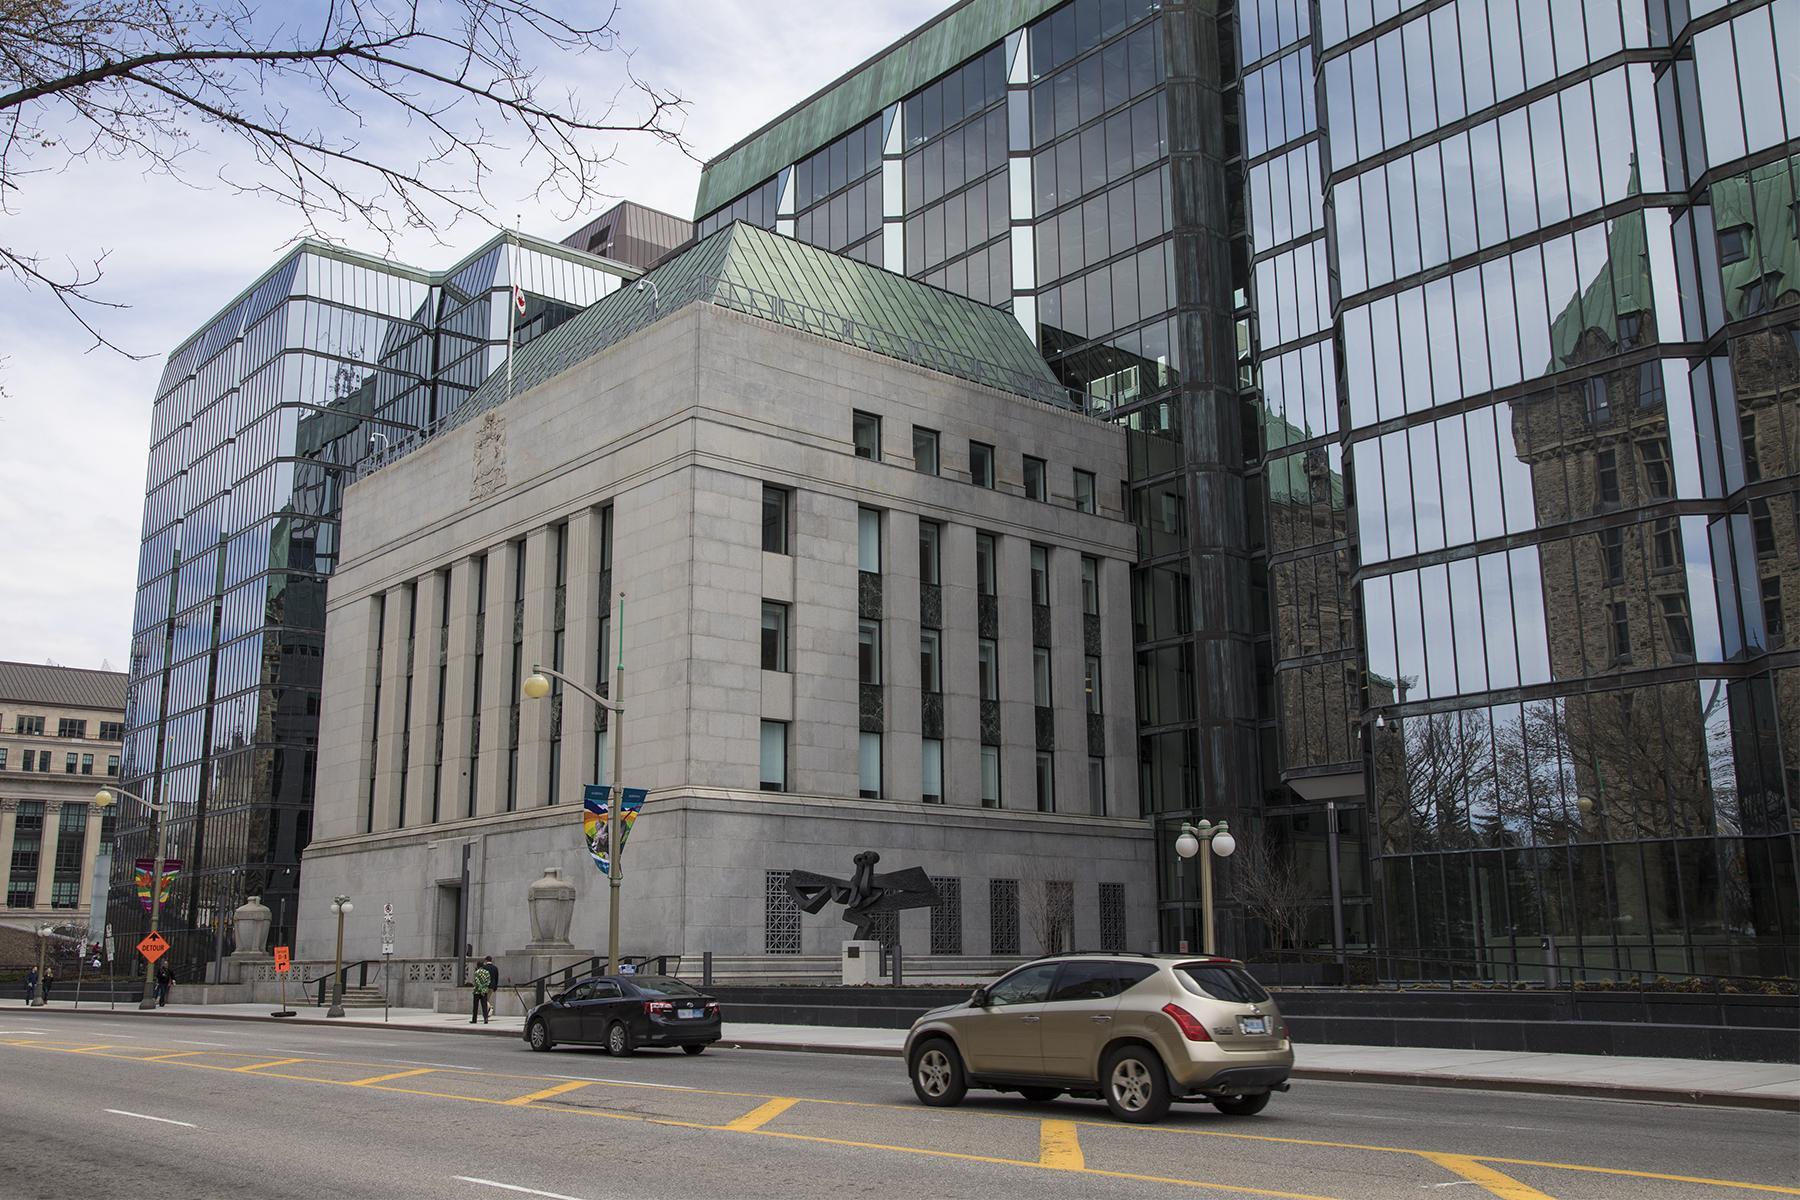 Le complexe de la Banque est réputé pour ses éléments architecturaux uniques alliant des styles classique et moderne.